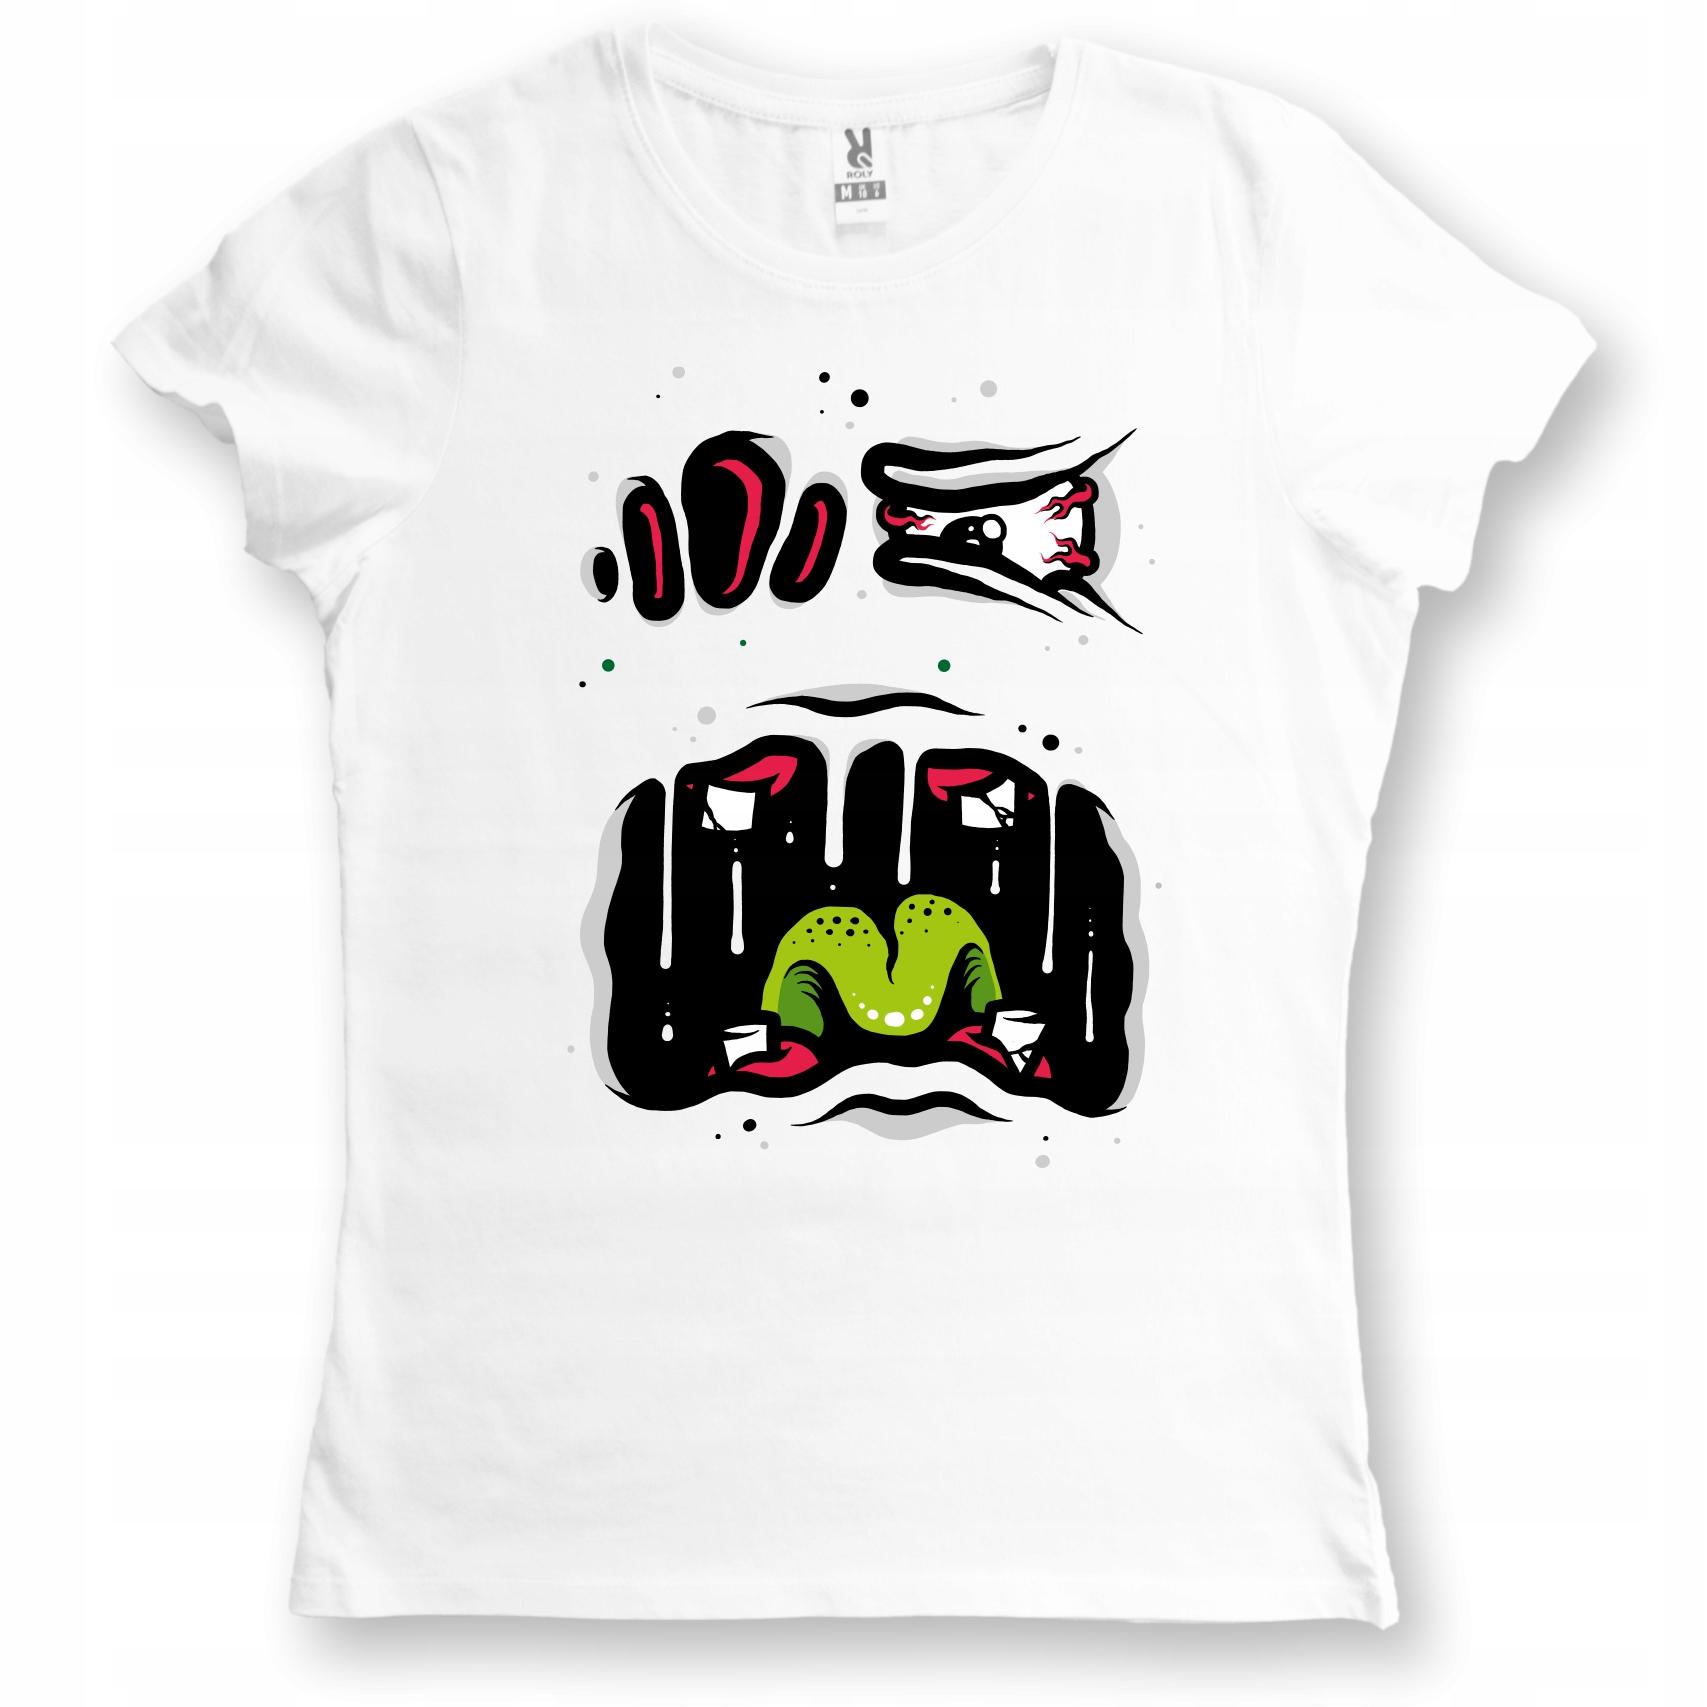 Koszulka damska Scary Face Emotikon Graffiti L